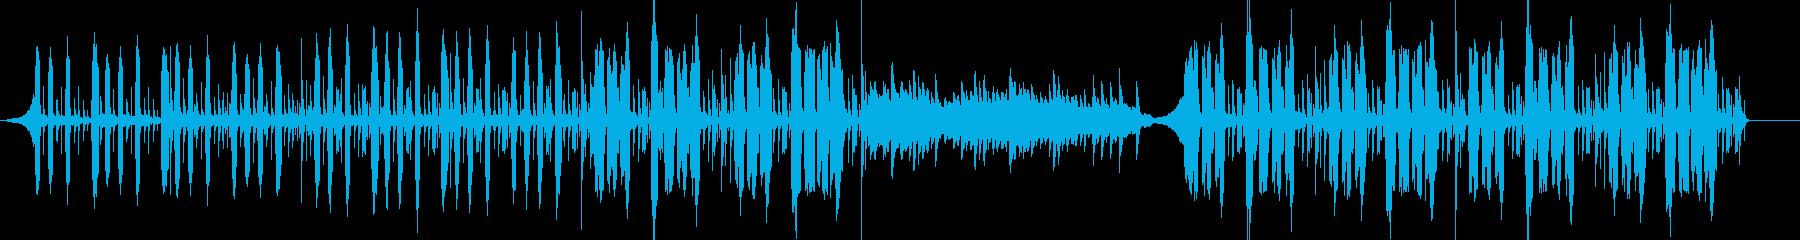 ピアノメインの優しく楽しいポップの再生済みの波形